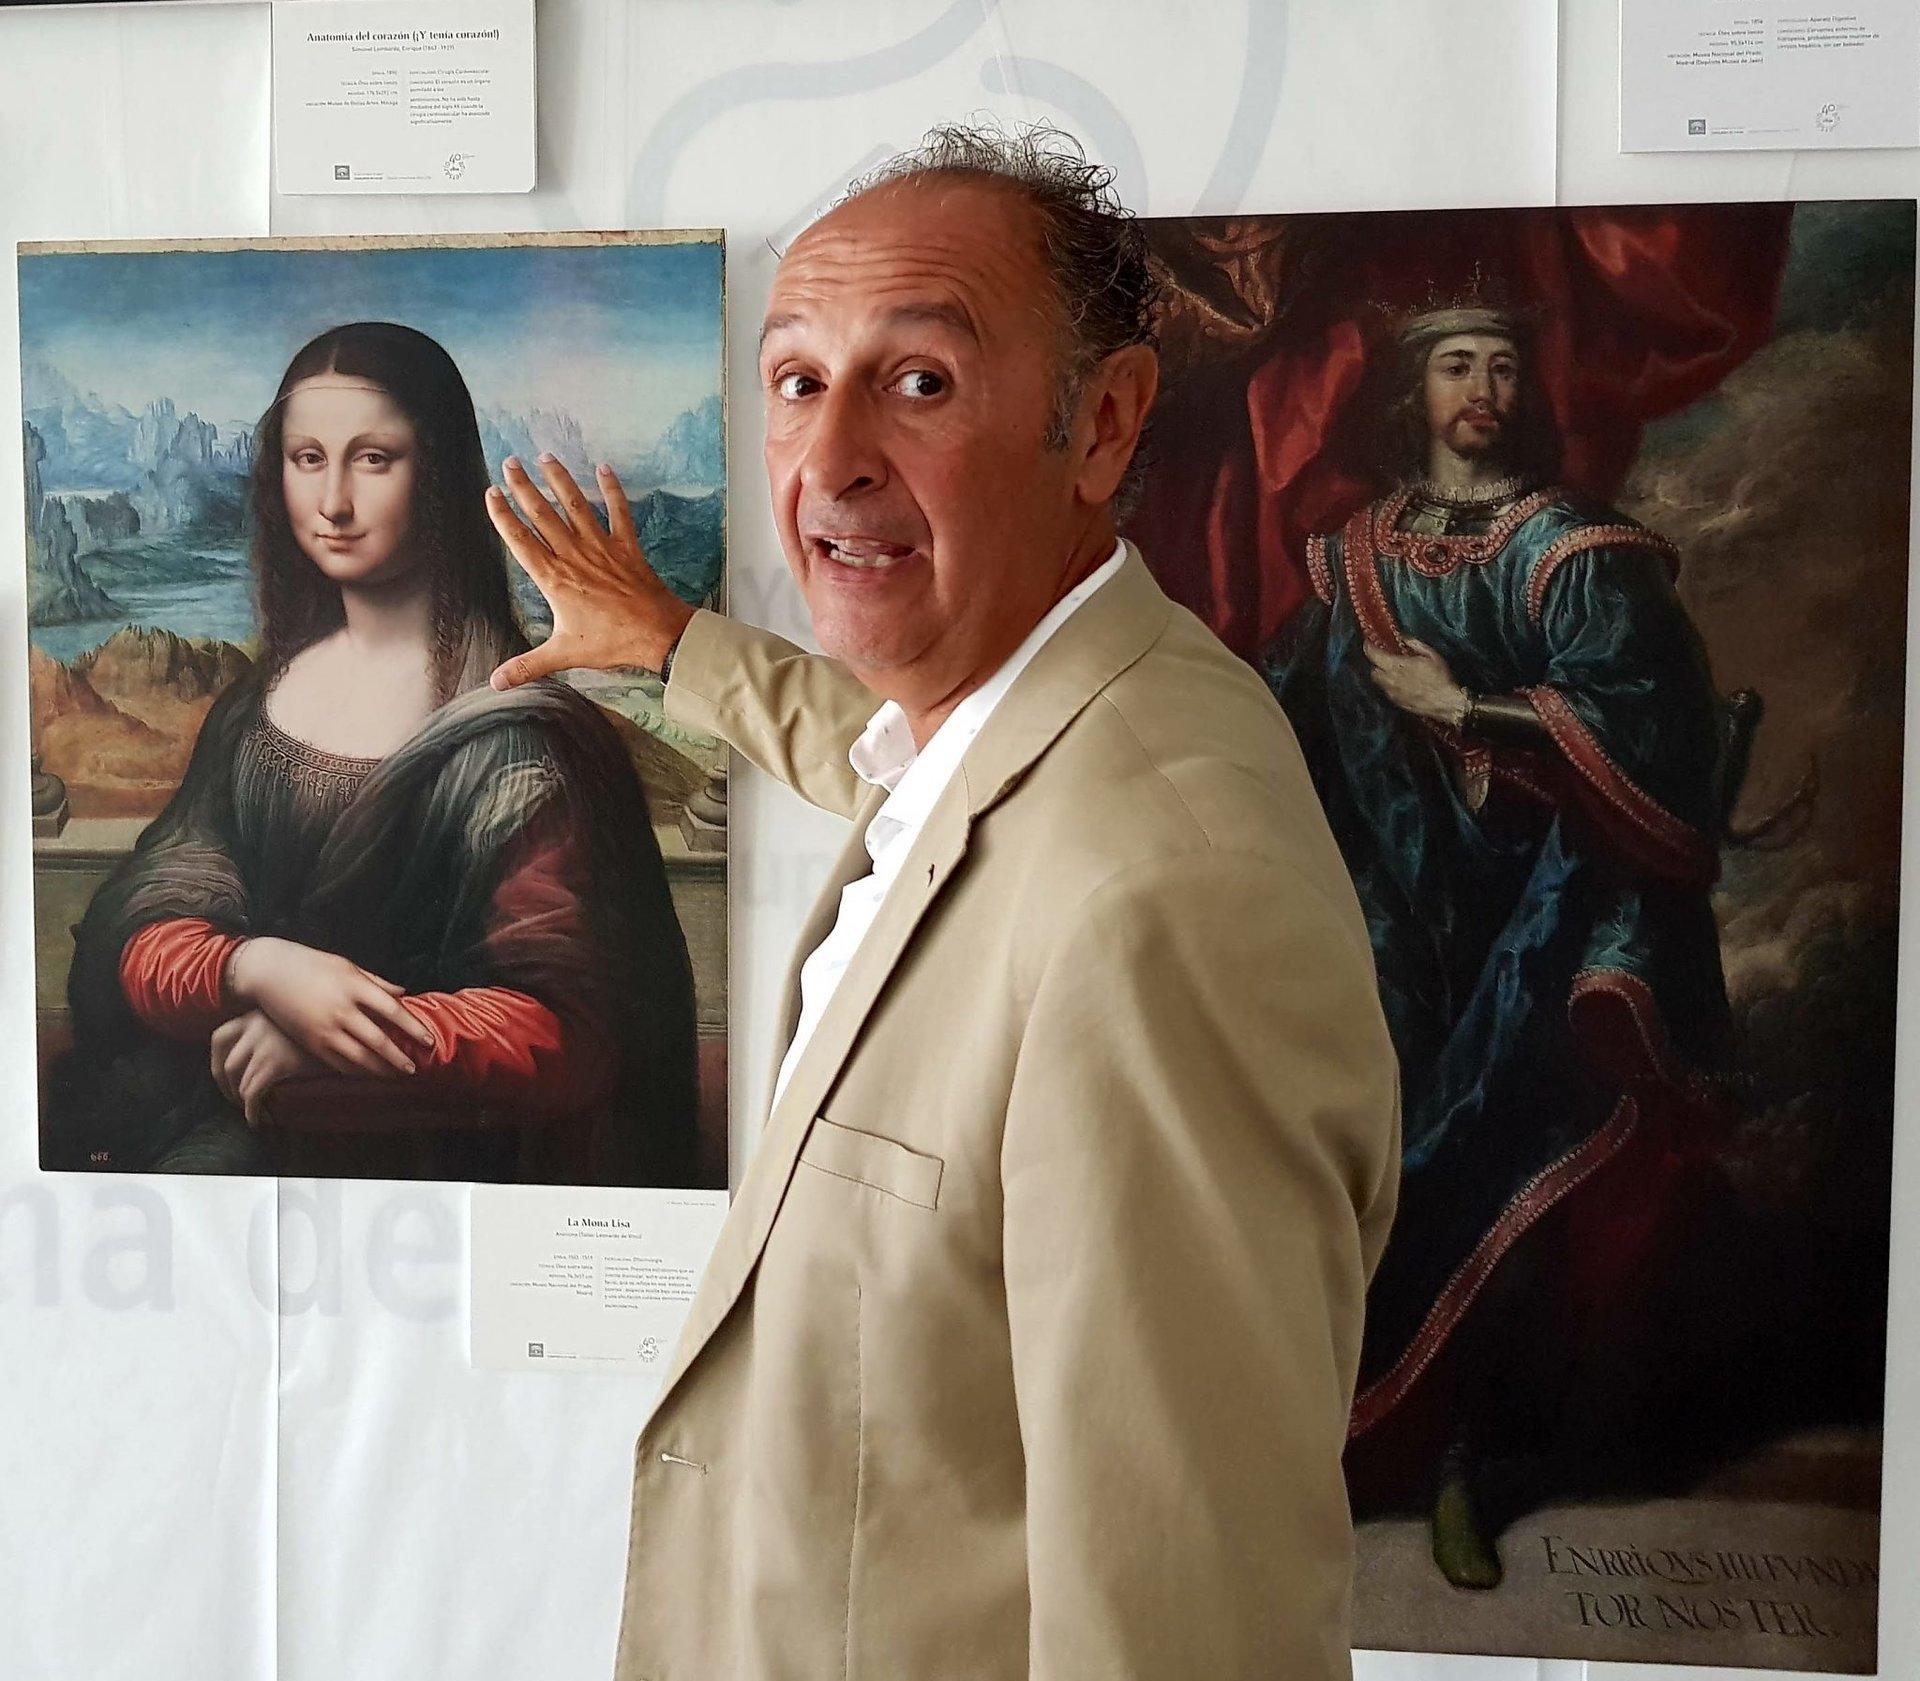 La Mona Lisa tiene estrabismo y parálisis facial